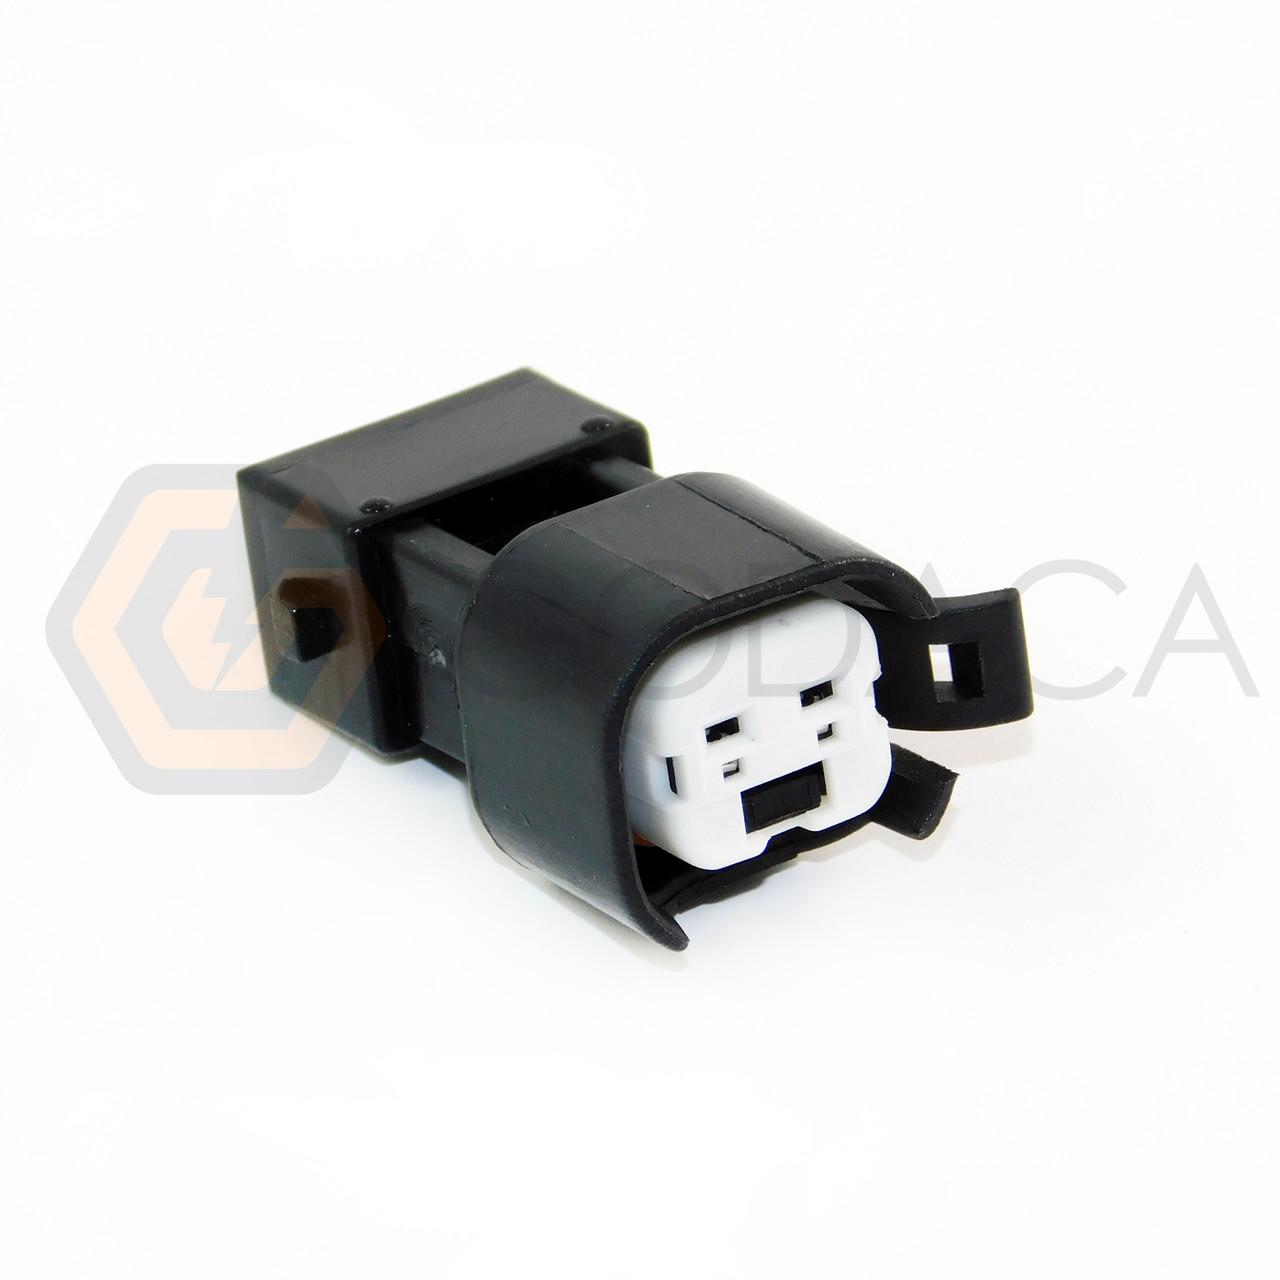 medium resolution of 1x connector injector adapters ev1 ev6 ls1 ls6 lt1 ls2 ls3 ls7 plug and play godaca llc